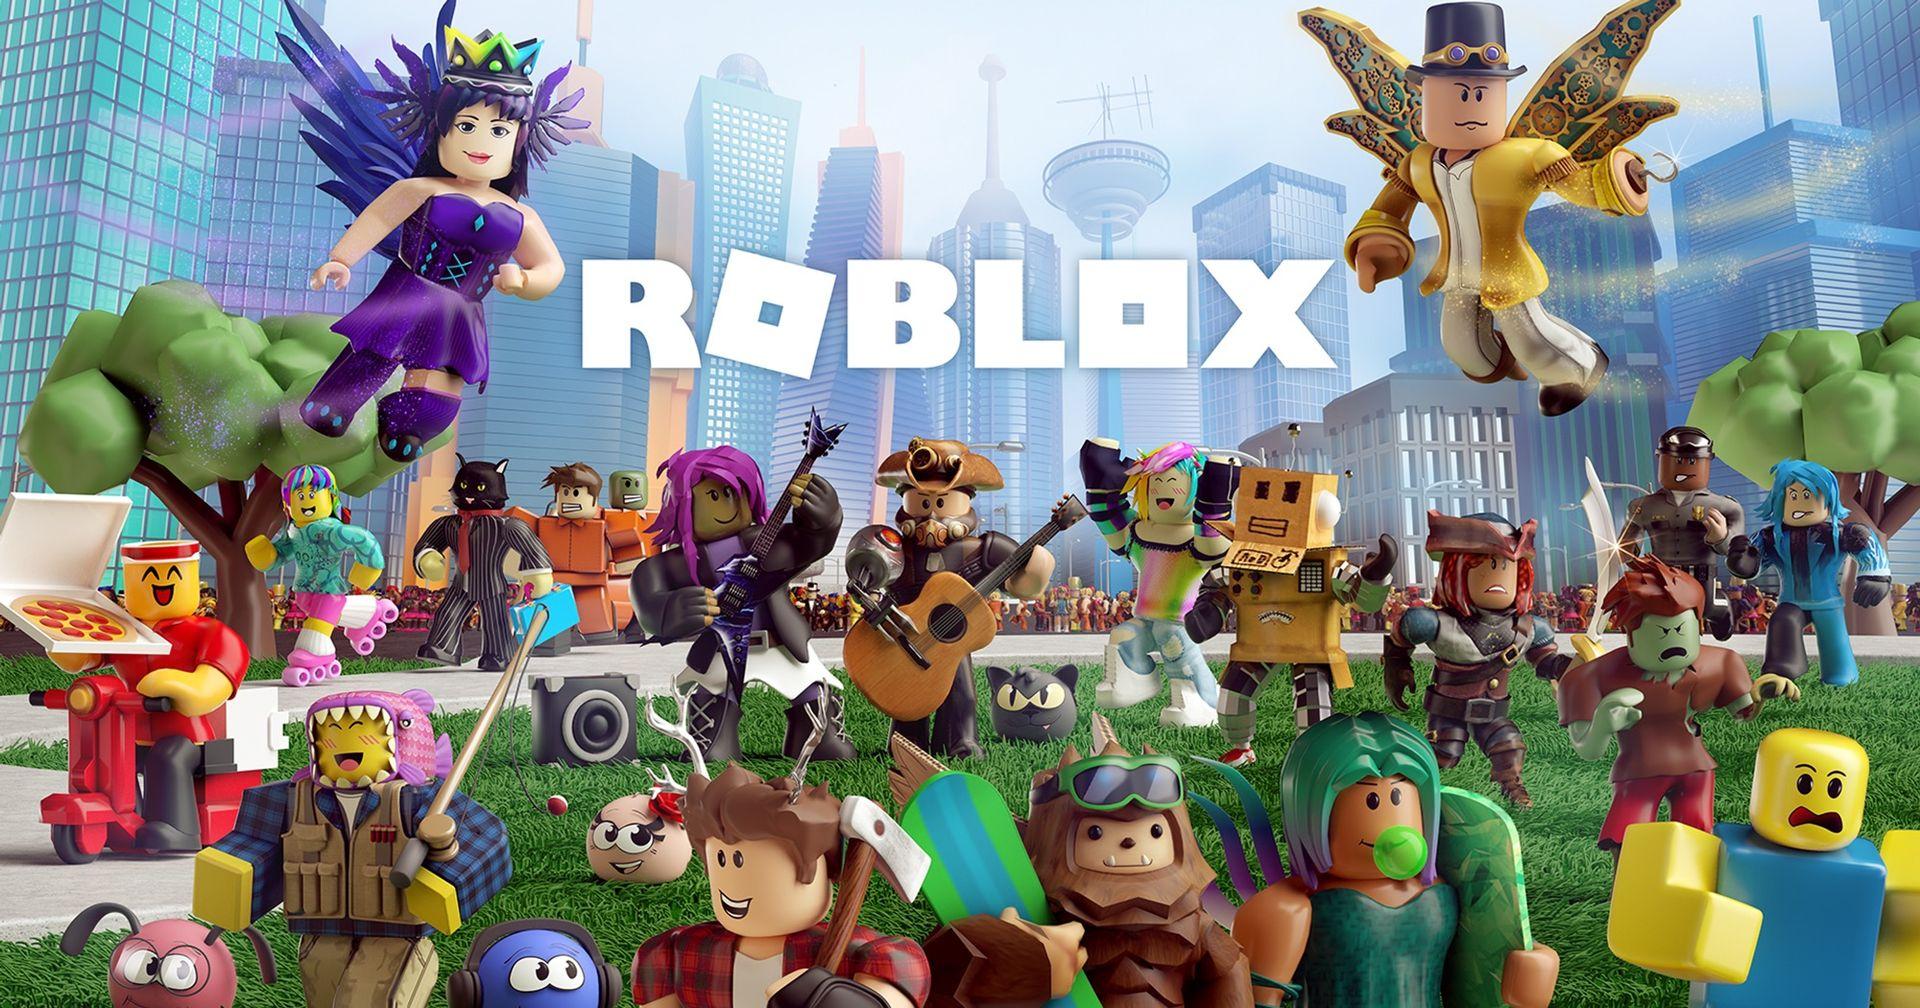 Roblox har nu över 100 miljoner användare